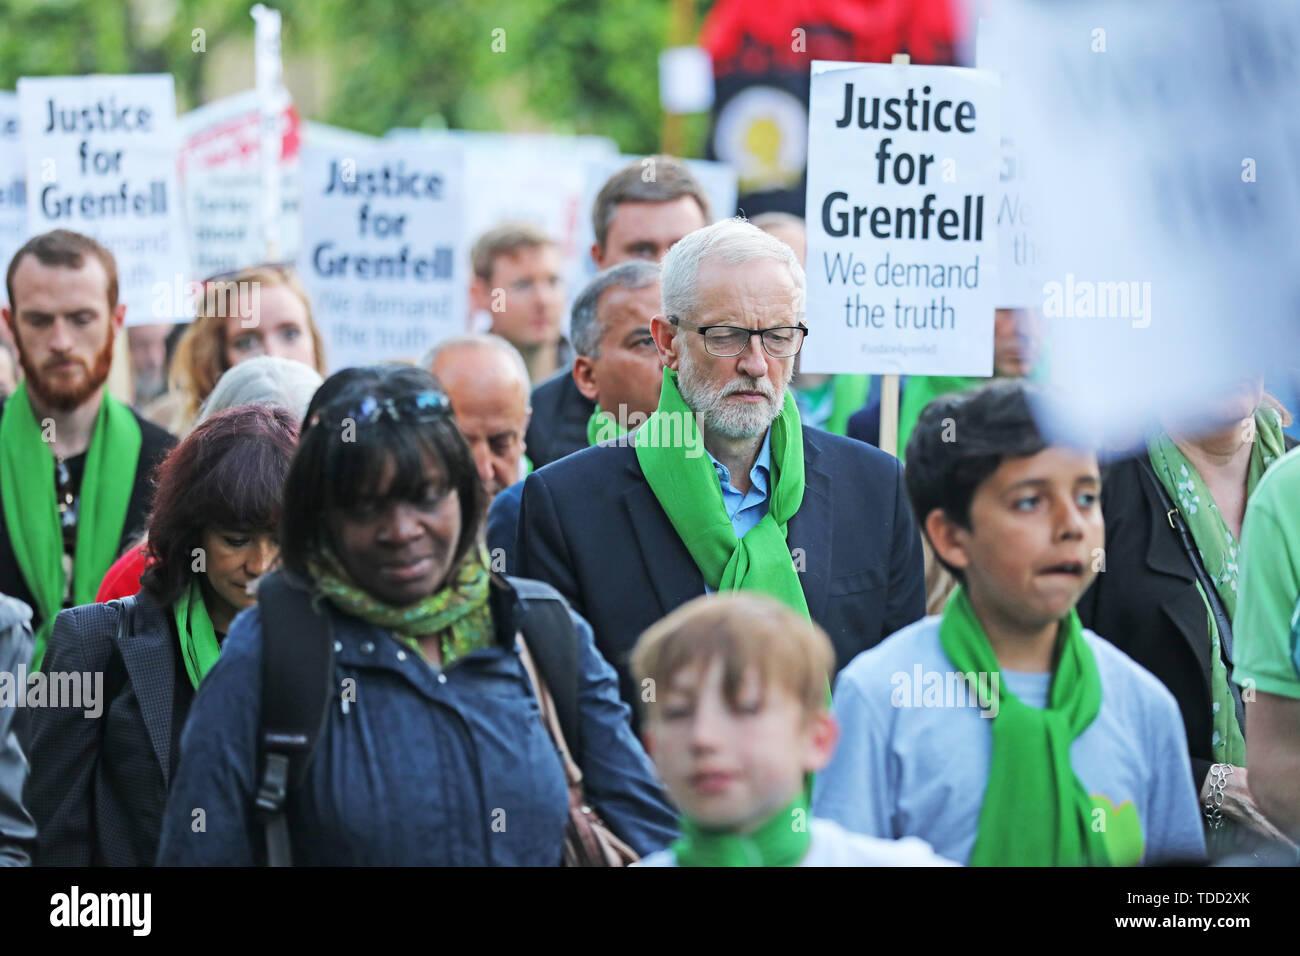 Der Führer der Jeremy Corbyn Spaziergänge mit Familie und Freunden der 72 Menschen, die ihr Leben in der Grenfell Hochhaus Brand verloren, außerhalb Grenfell Tower, London, während ein stiller Spaziergang zum zweijährigen Jubiläum. Stockbild